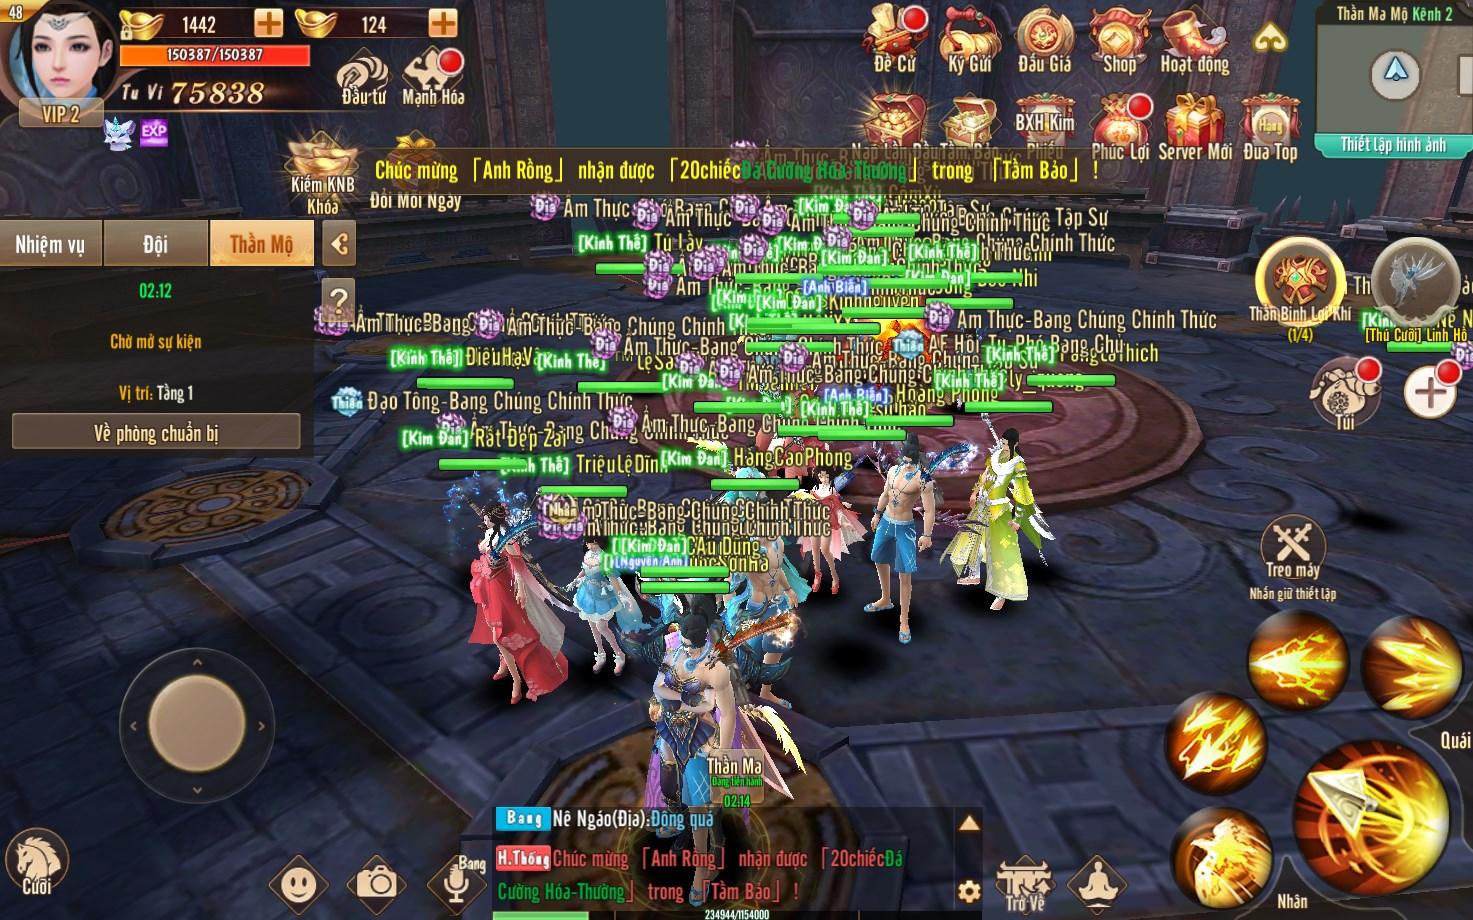 [Nóng] Bom tấn MMORPG được mong chờ nhất tháng 9, Tân Trường Sinh Quyết chính thức ra mắt - Ảnh 4.